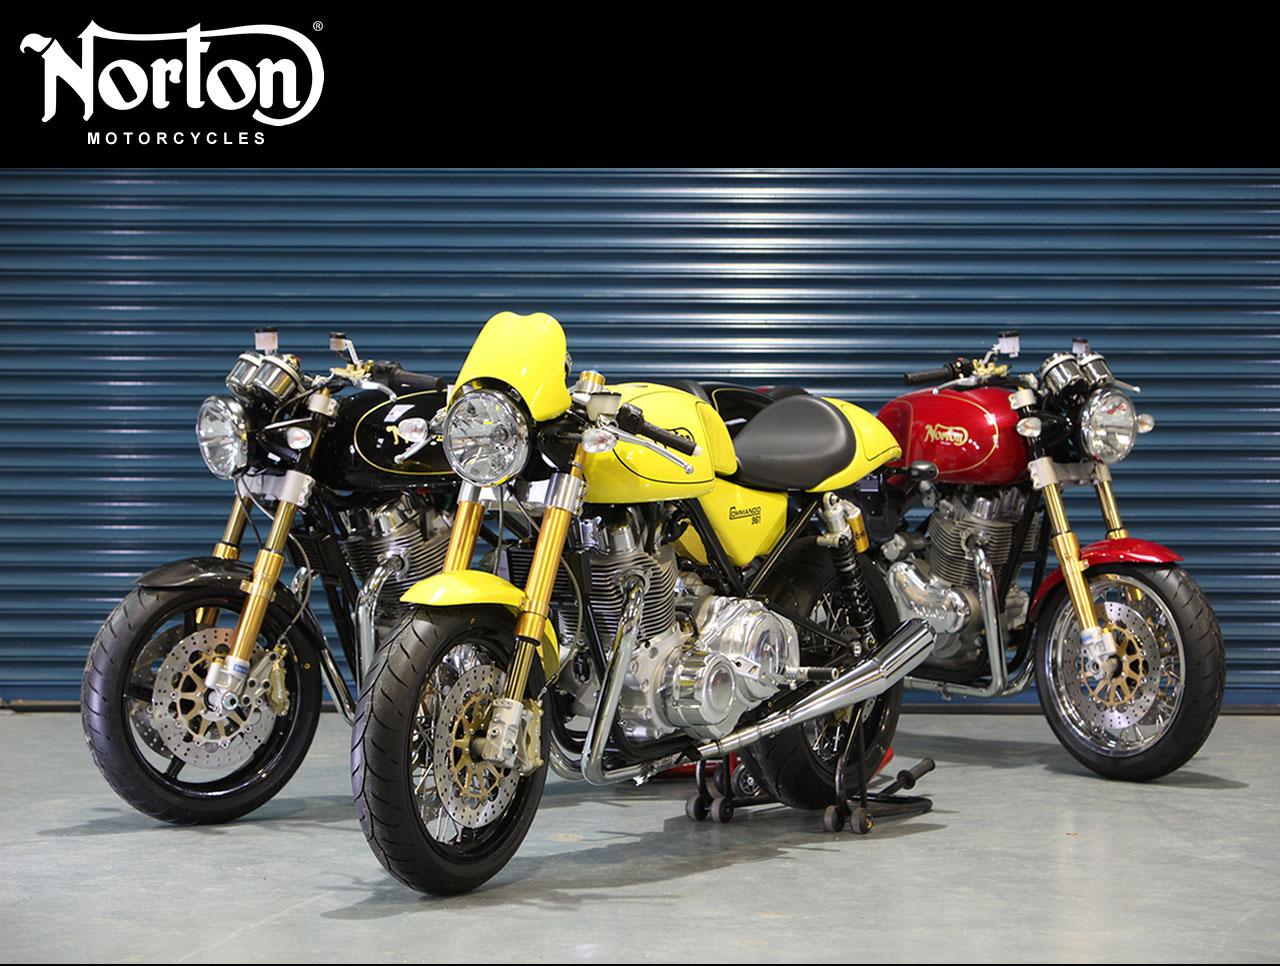 http://1.bp.blogspot.com/-Fgjl4uPn3as/UEGd6bAKBxI/AAAAAAAAeuI/OOobRYY8Zlk/s1600/2010-Norton-Commando961a.jpg